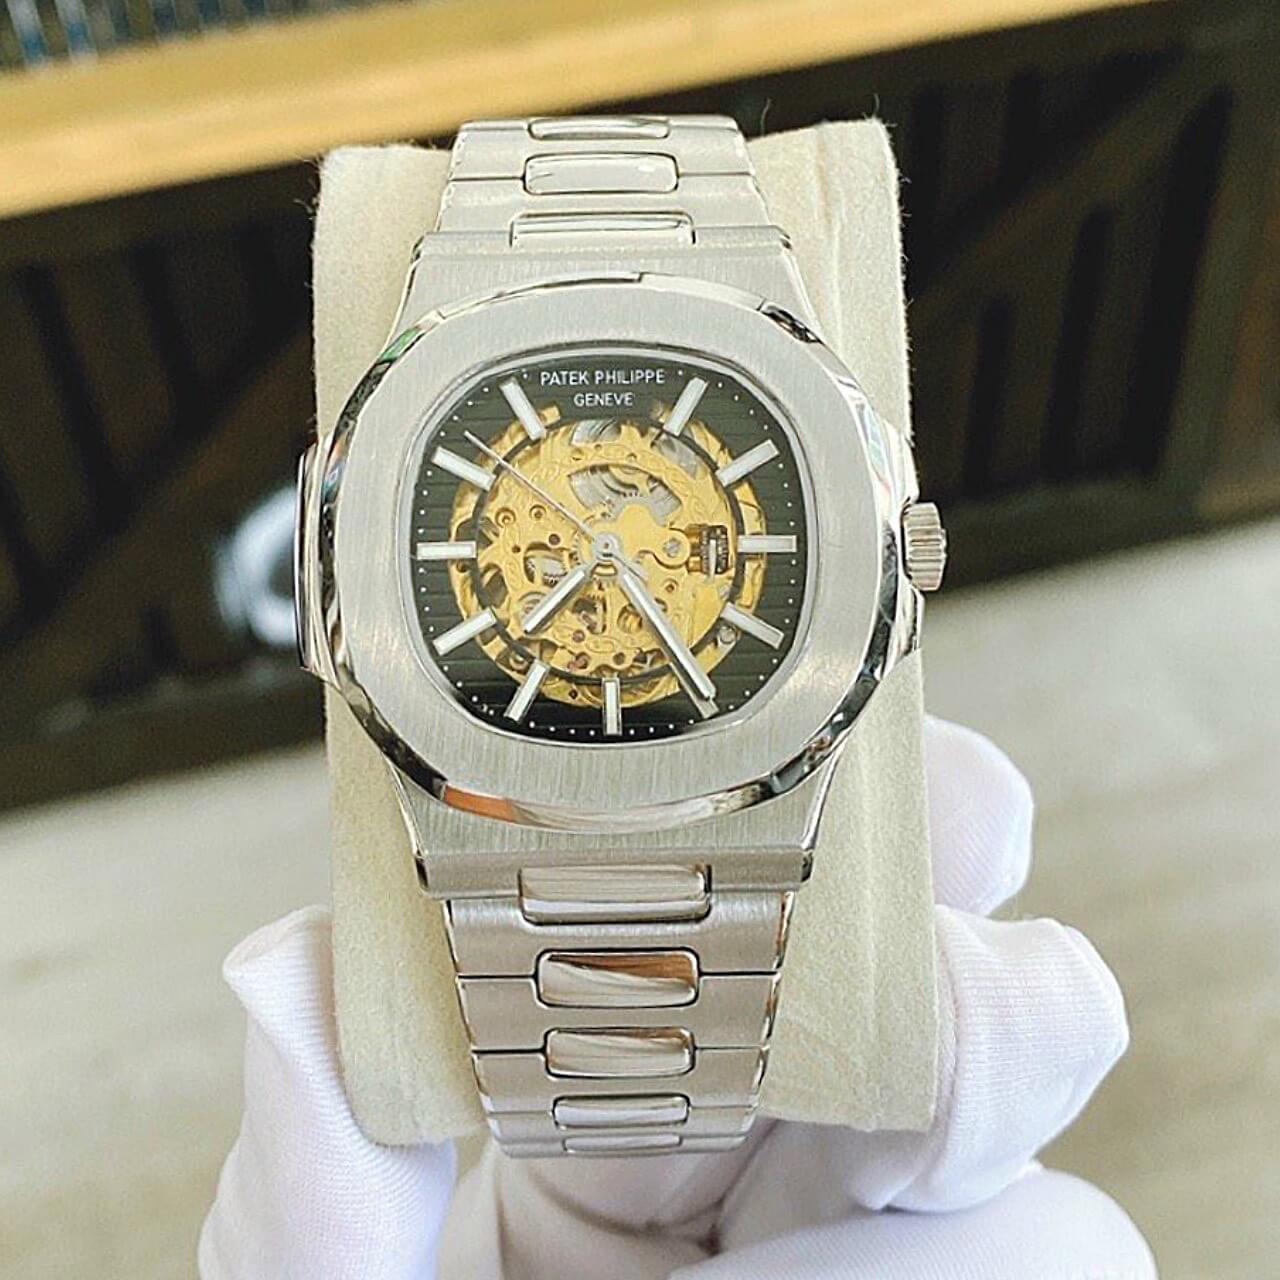 Đồng Hồ Patek Philippe Automatic Nam Lộ Máy Vàng Đen 40mm